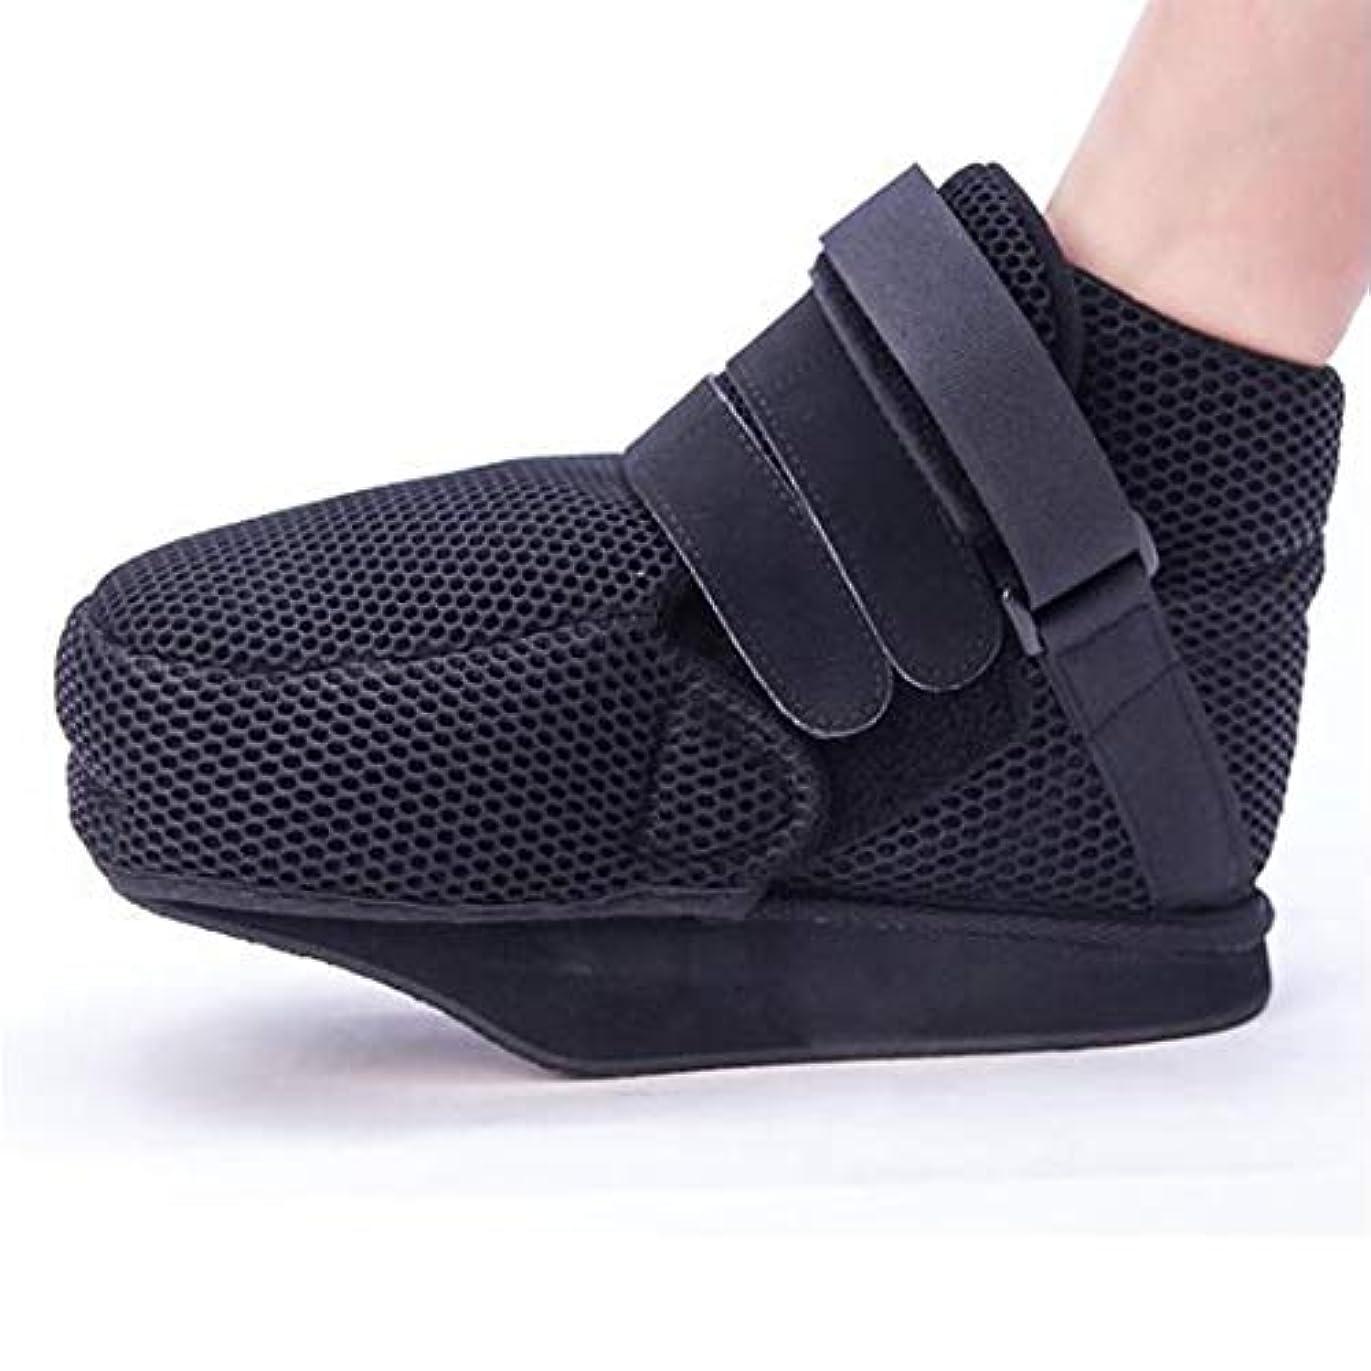 受信機歩き回る取る医療足骨折石膏の回復靴の手術後のつま先の靴を安定化骨折の靴を調整可能なファスナーで完全なカバー,S24cm